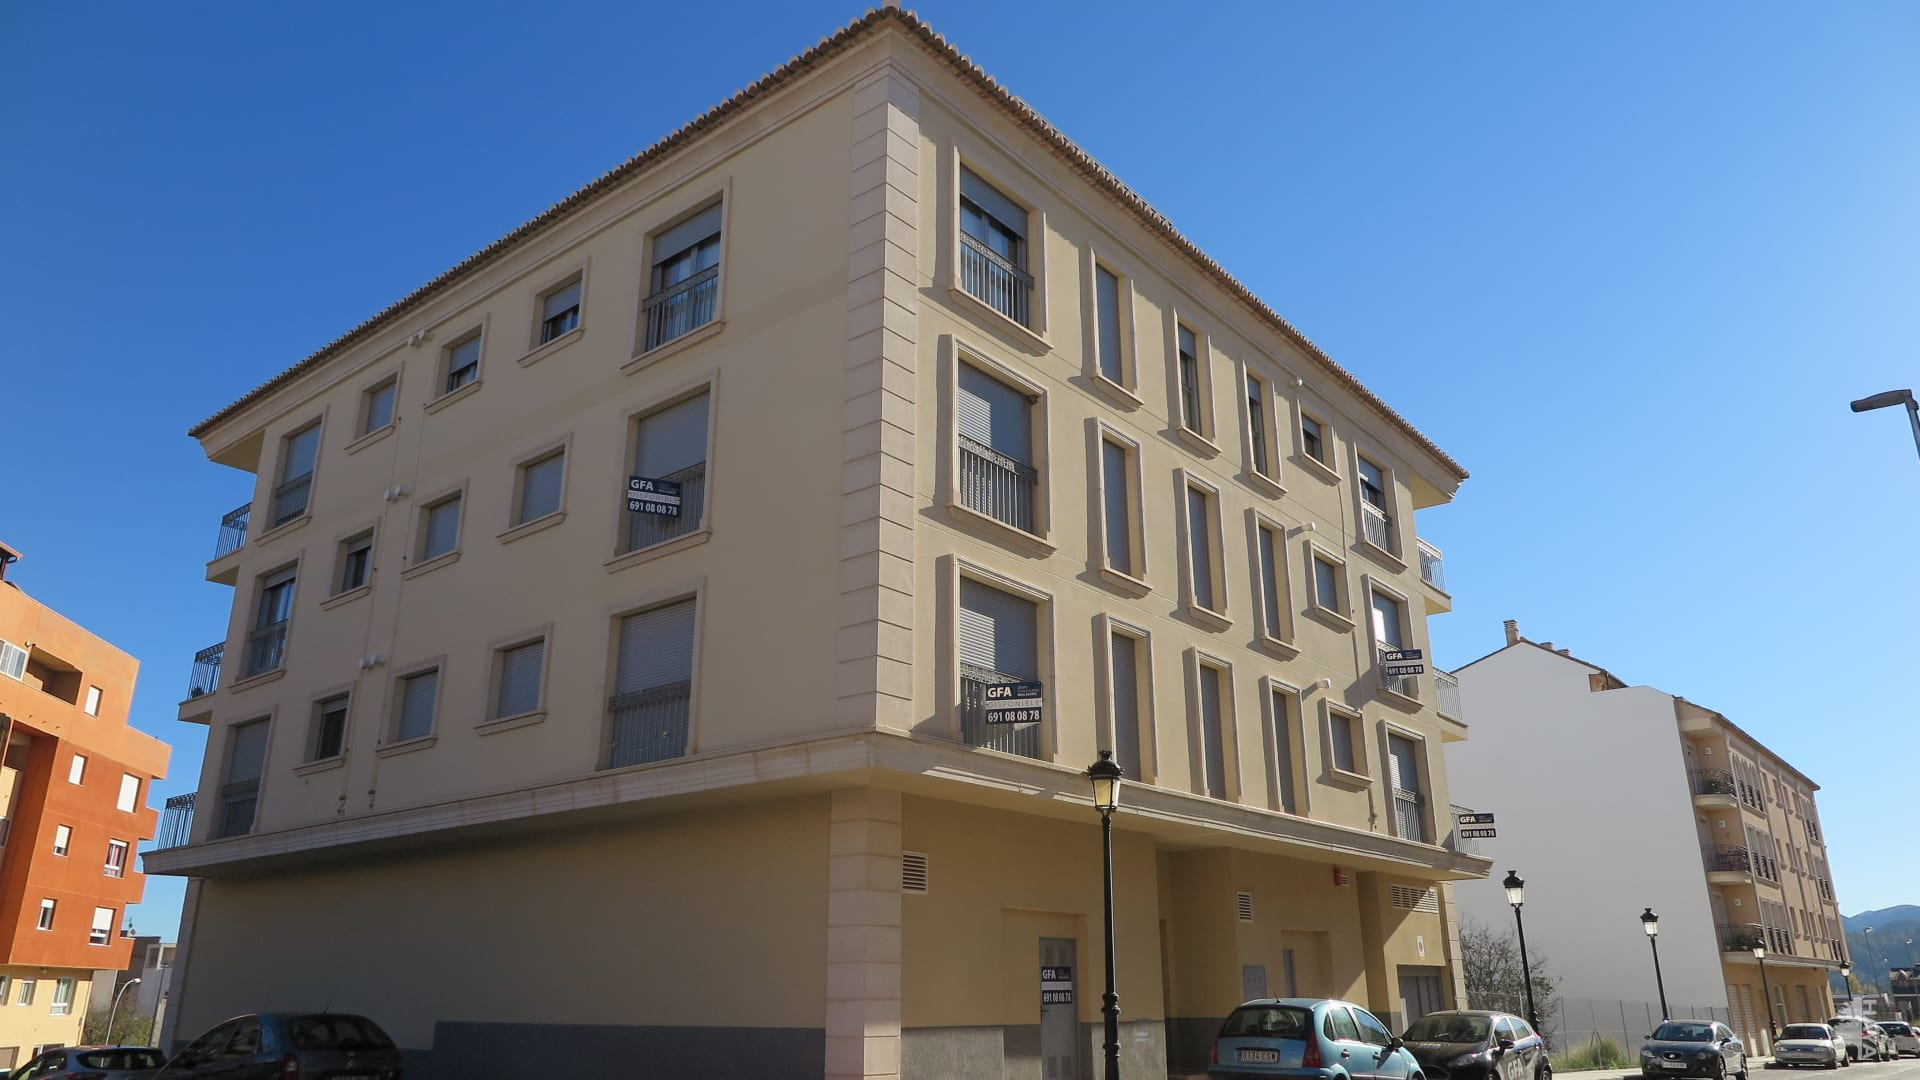 Local en venta en Peñalba, Segorbe, Castellón, Calle Matet, 67.000 €, 121 m2